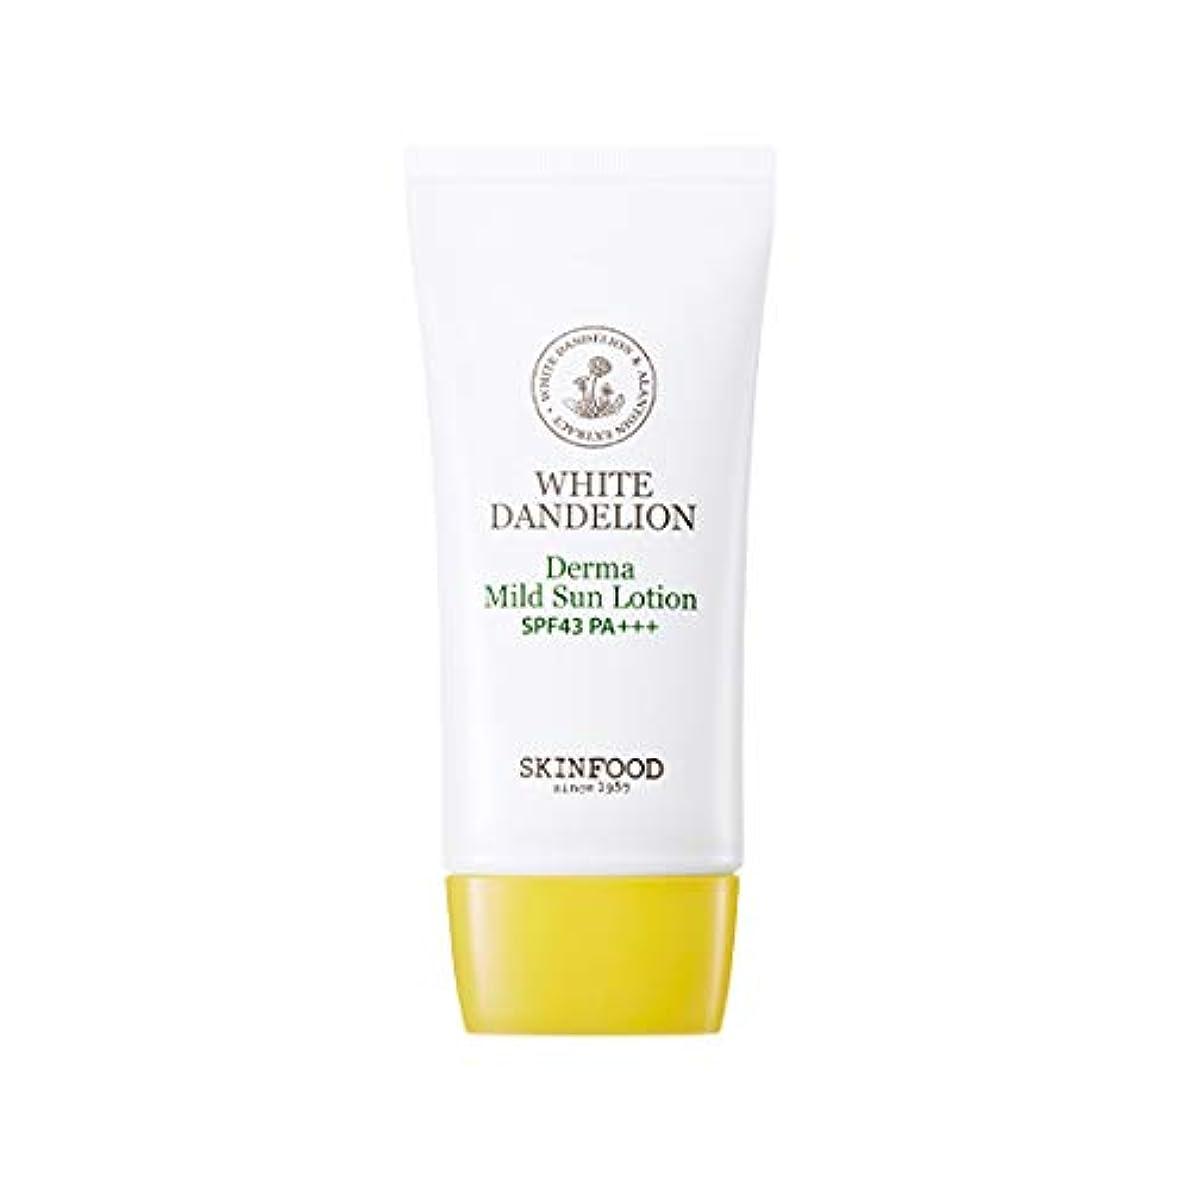 ドループ宿題強要Skinfood ホワイトタンポポダーママイルドサンローションSPF43 PA +++ / White Dandelion Derma Mild Sun Lotion SPF43 PA+++ 50g [並行輸入品]